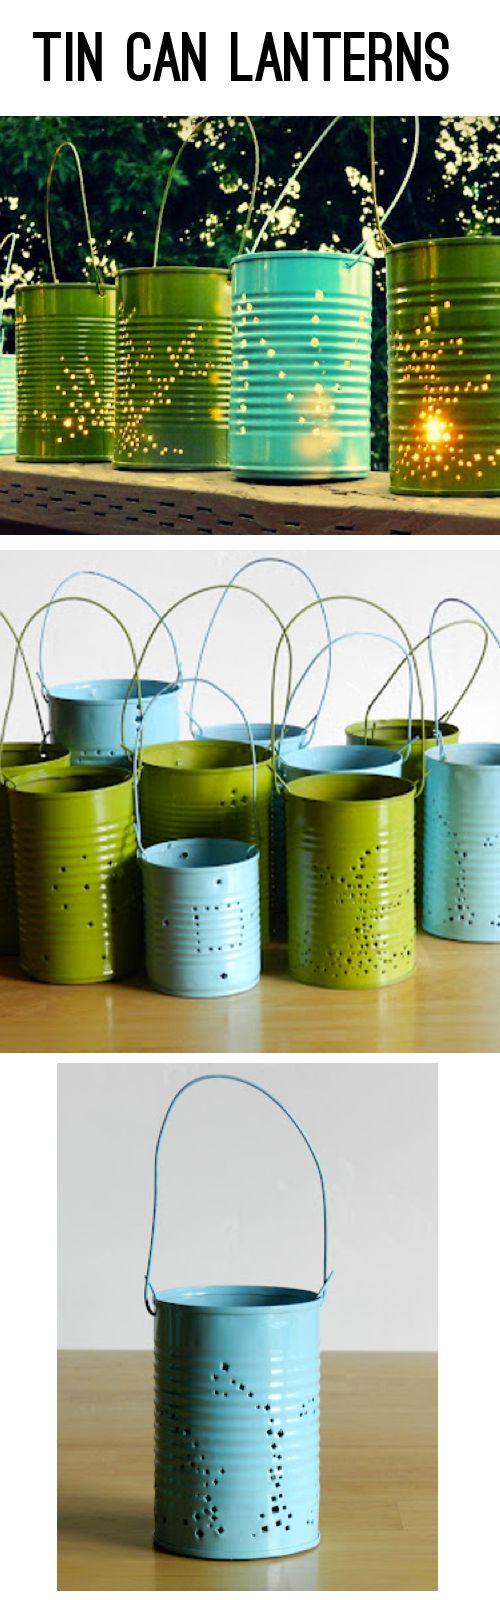 Décoration lanternes DIY